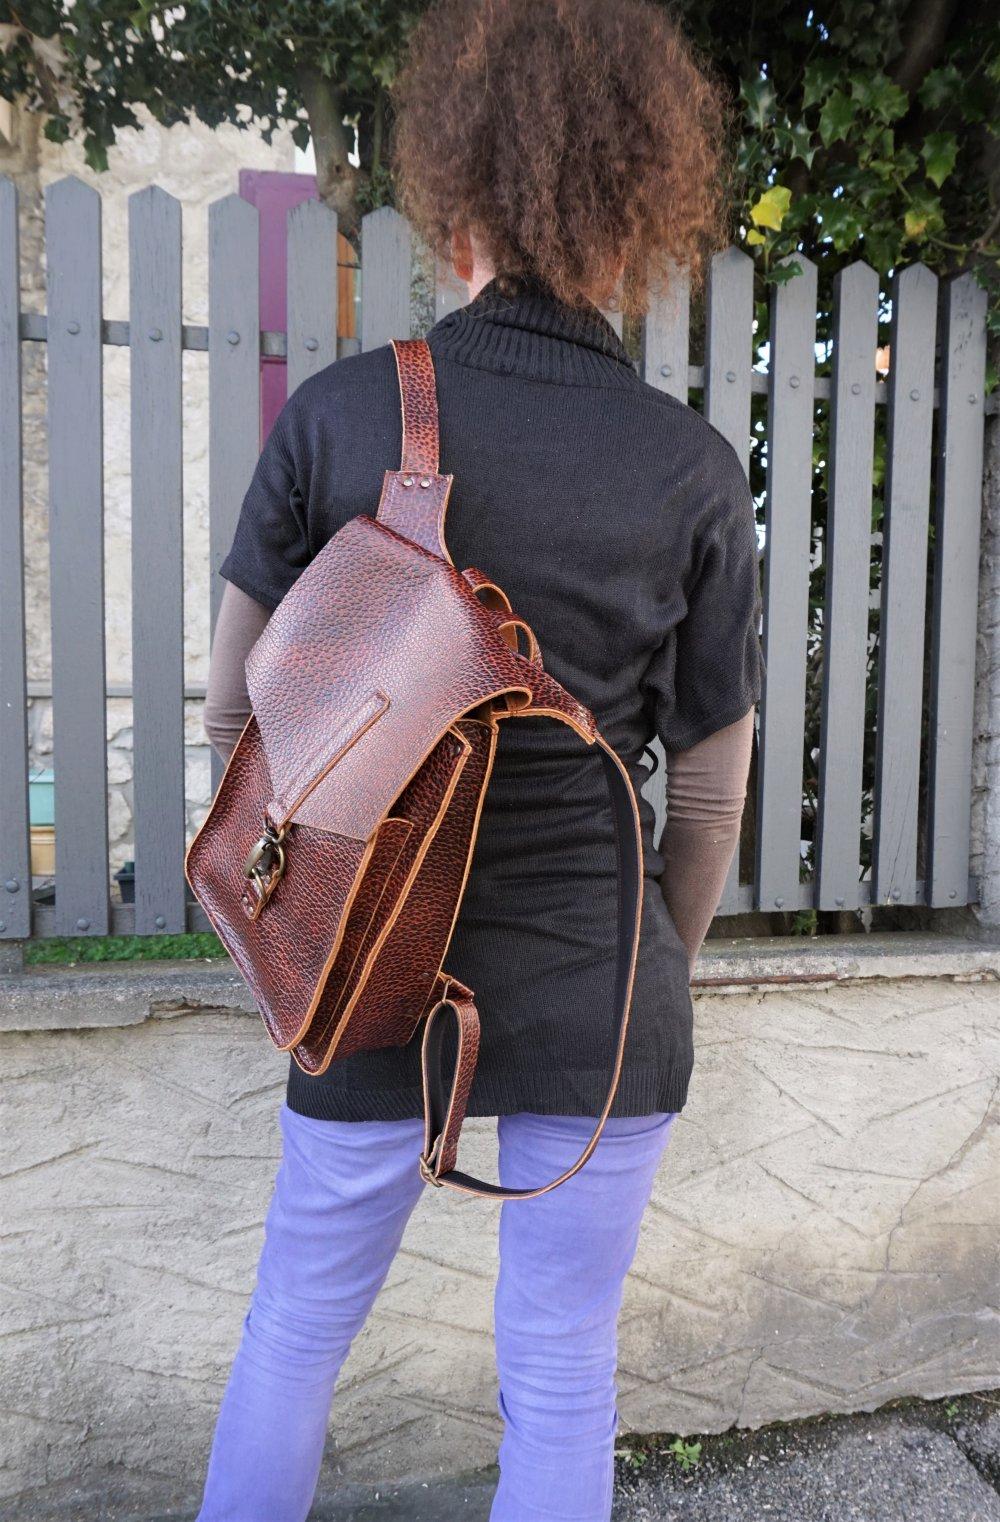 Sac à dos cuir ; sacs à dos en cuir fait en france prêt à expédier ; idée cadeau cycliste